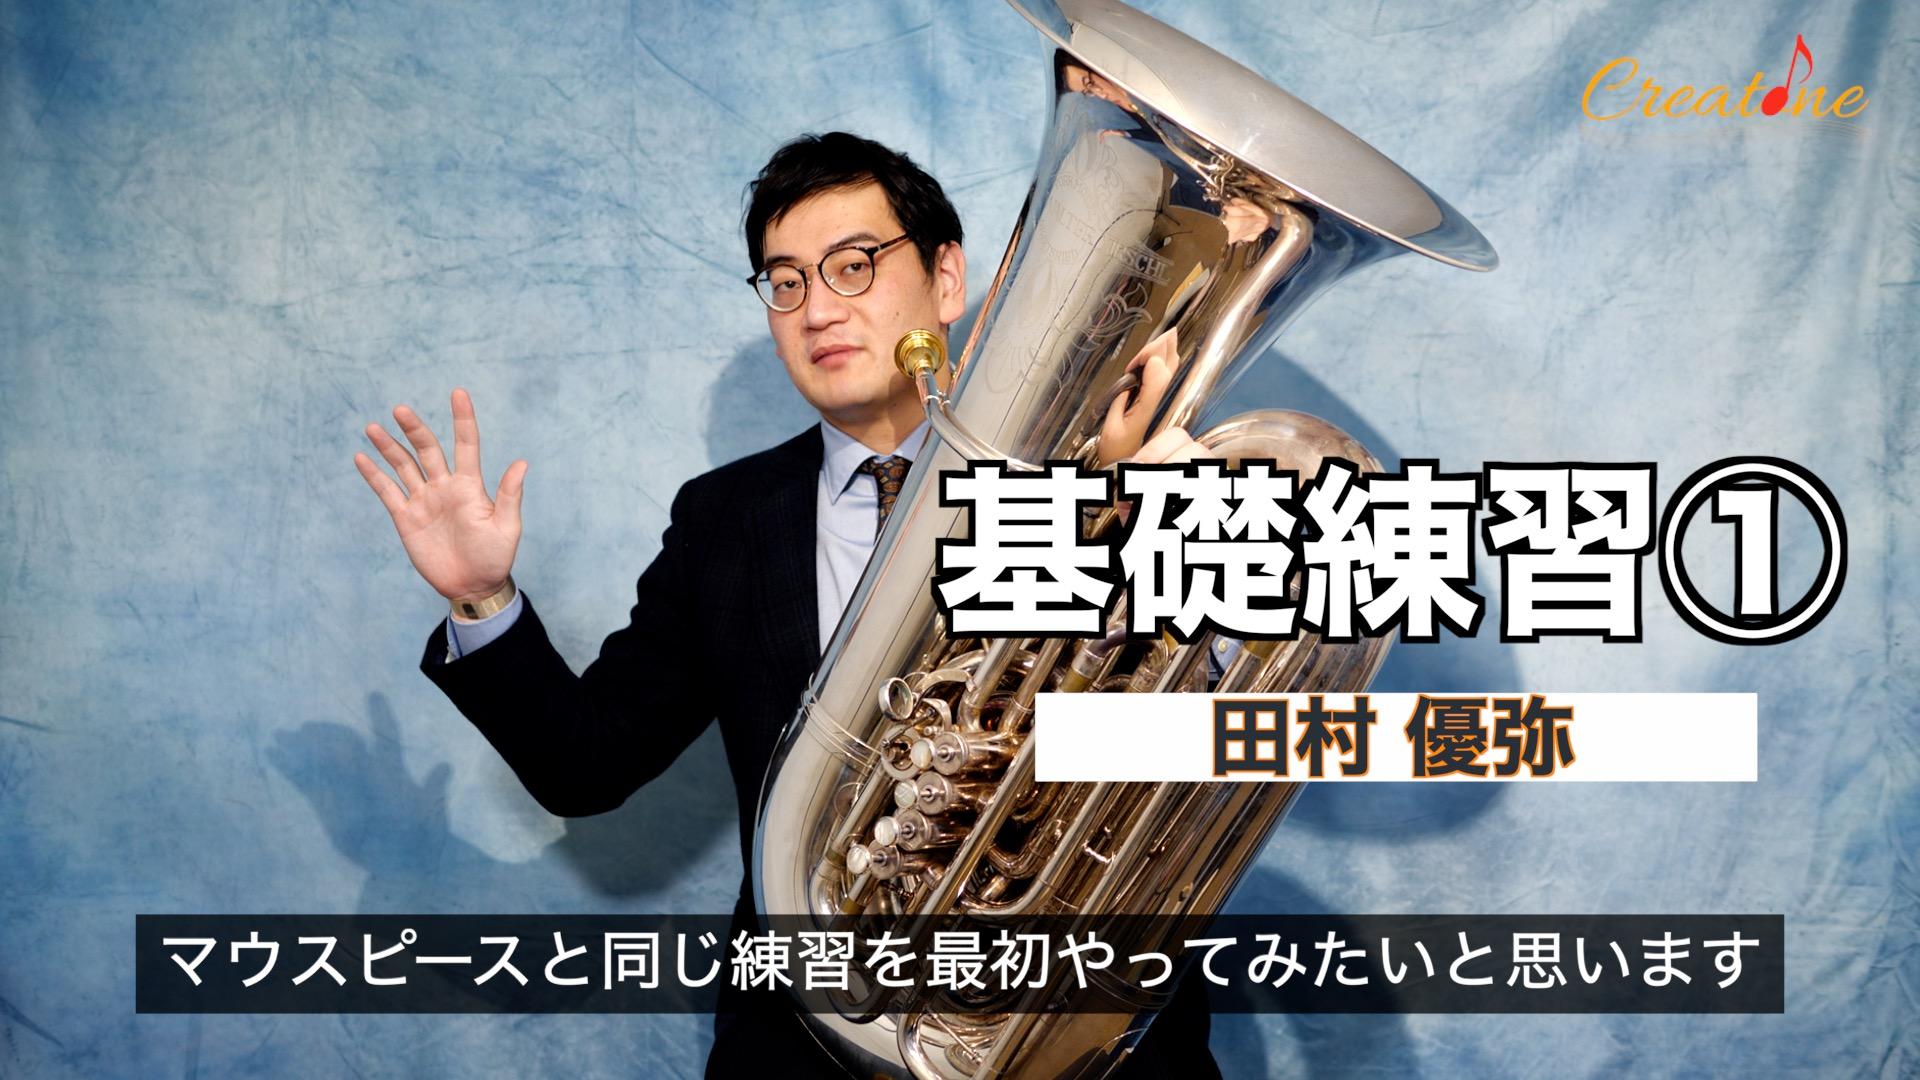 田村優弥4 基礎練習① サムネ